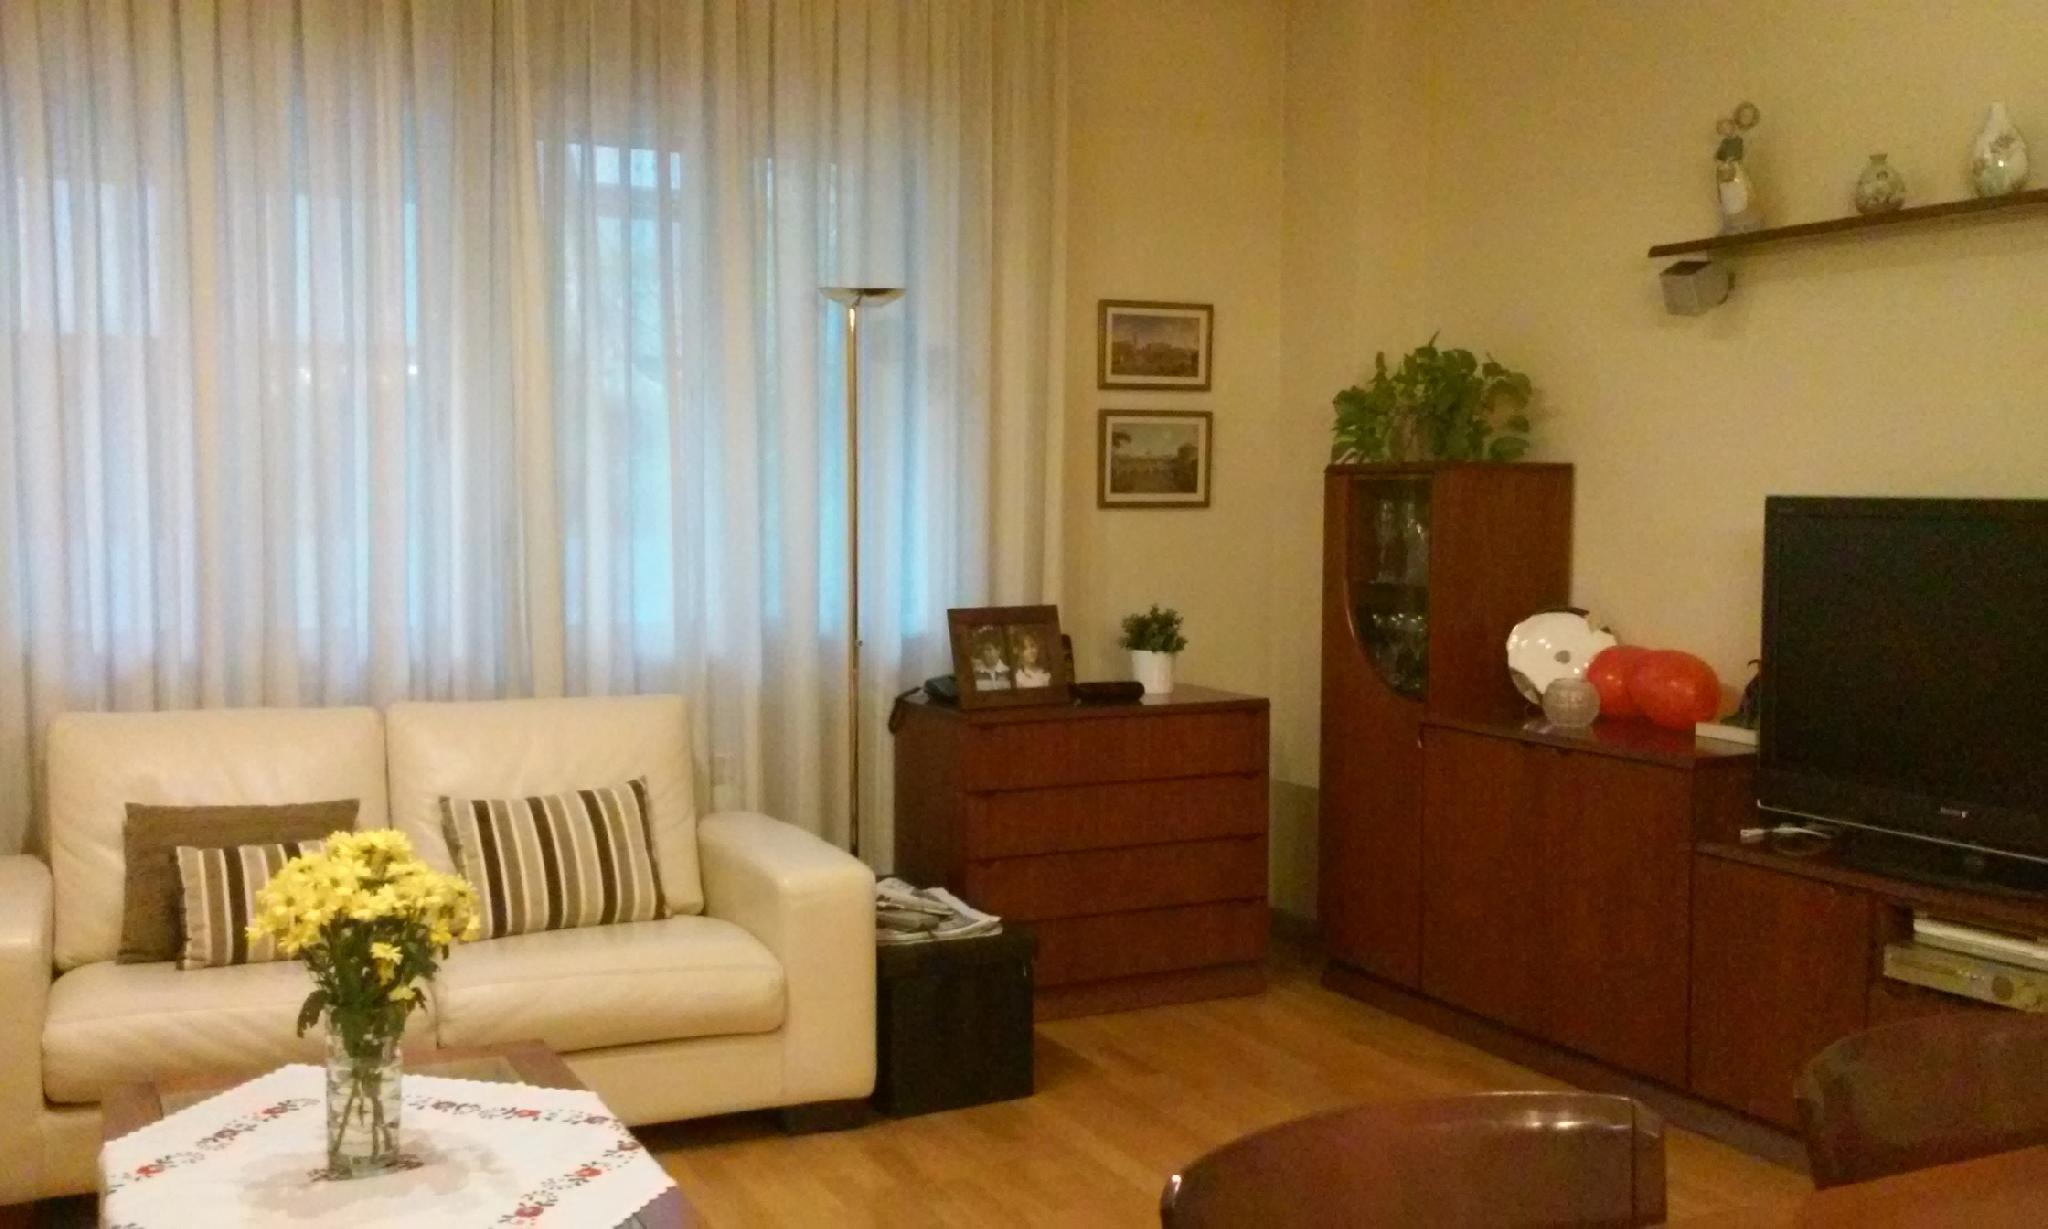 petit-appartement-de-vente-a-al-lado-de-ferrocarriles-tibidabo-el-putxet-i-farro-a-barcelona-225652609